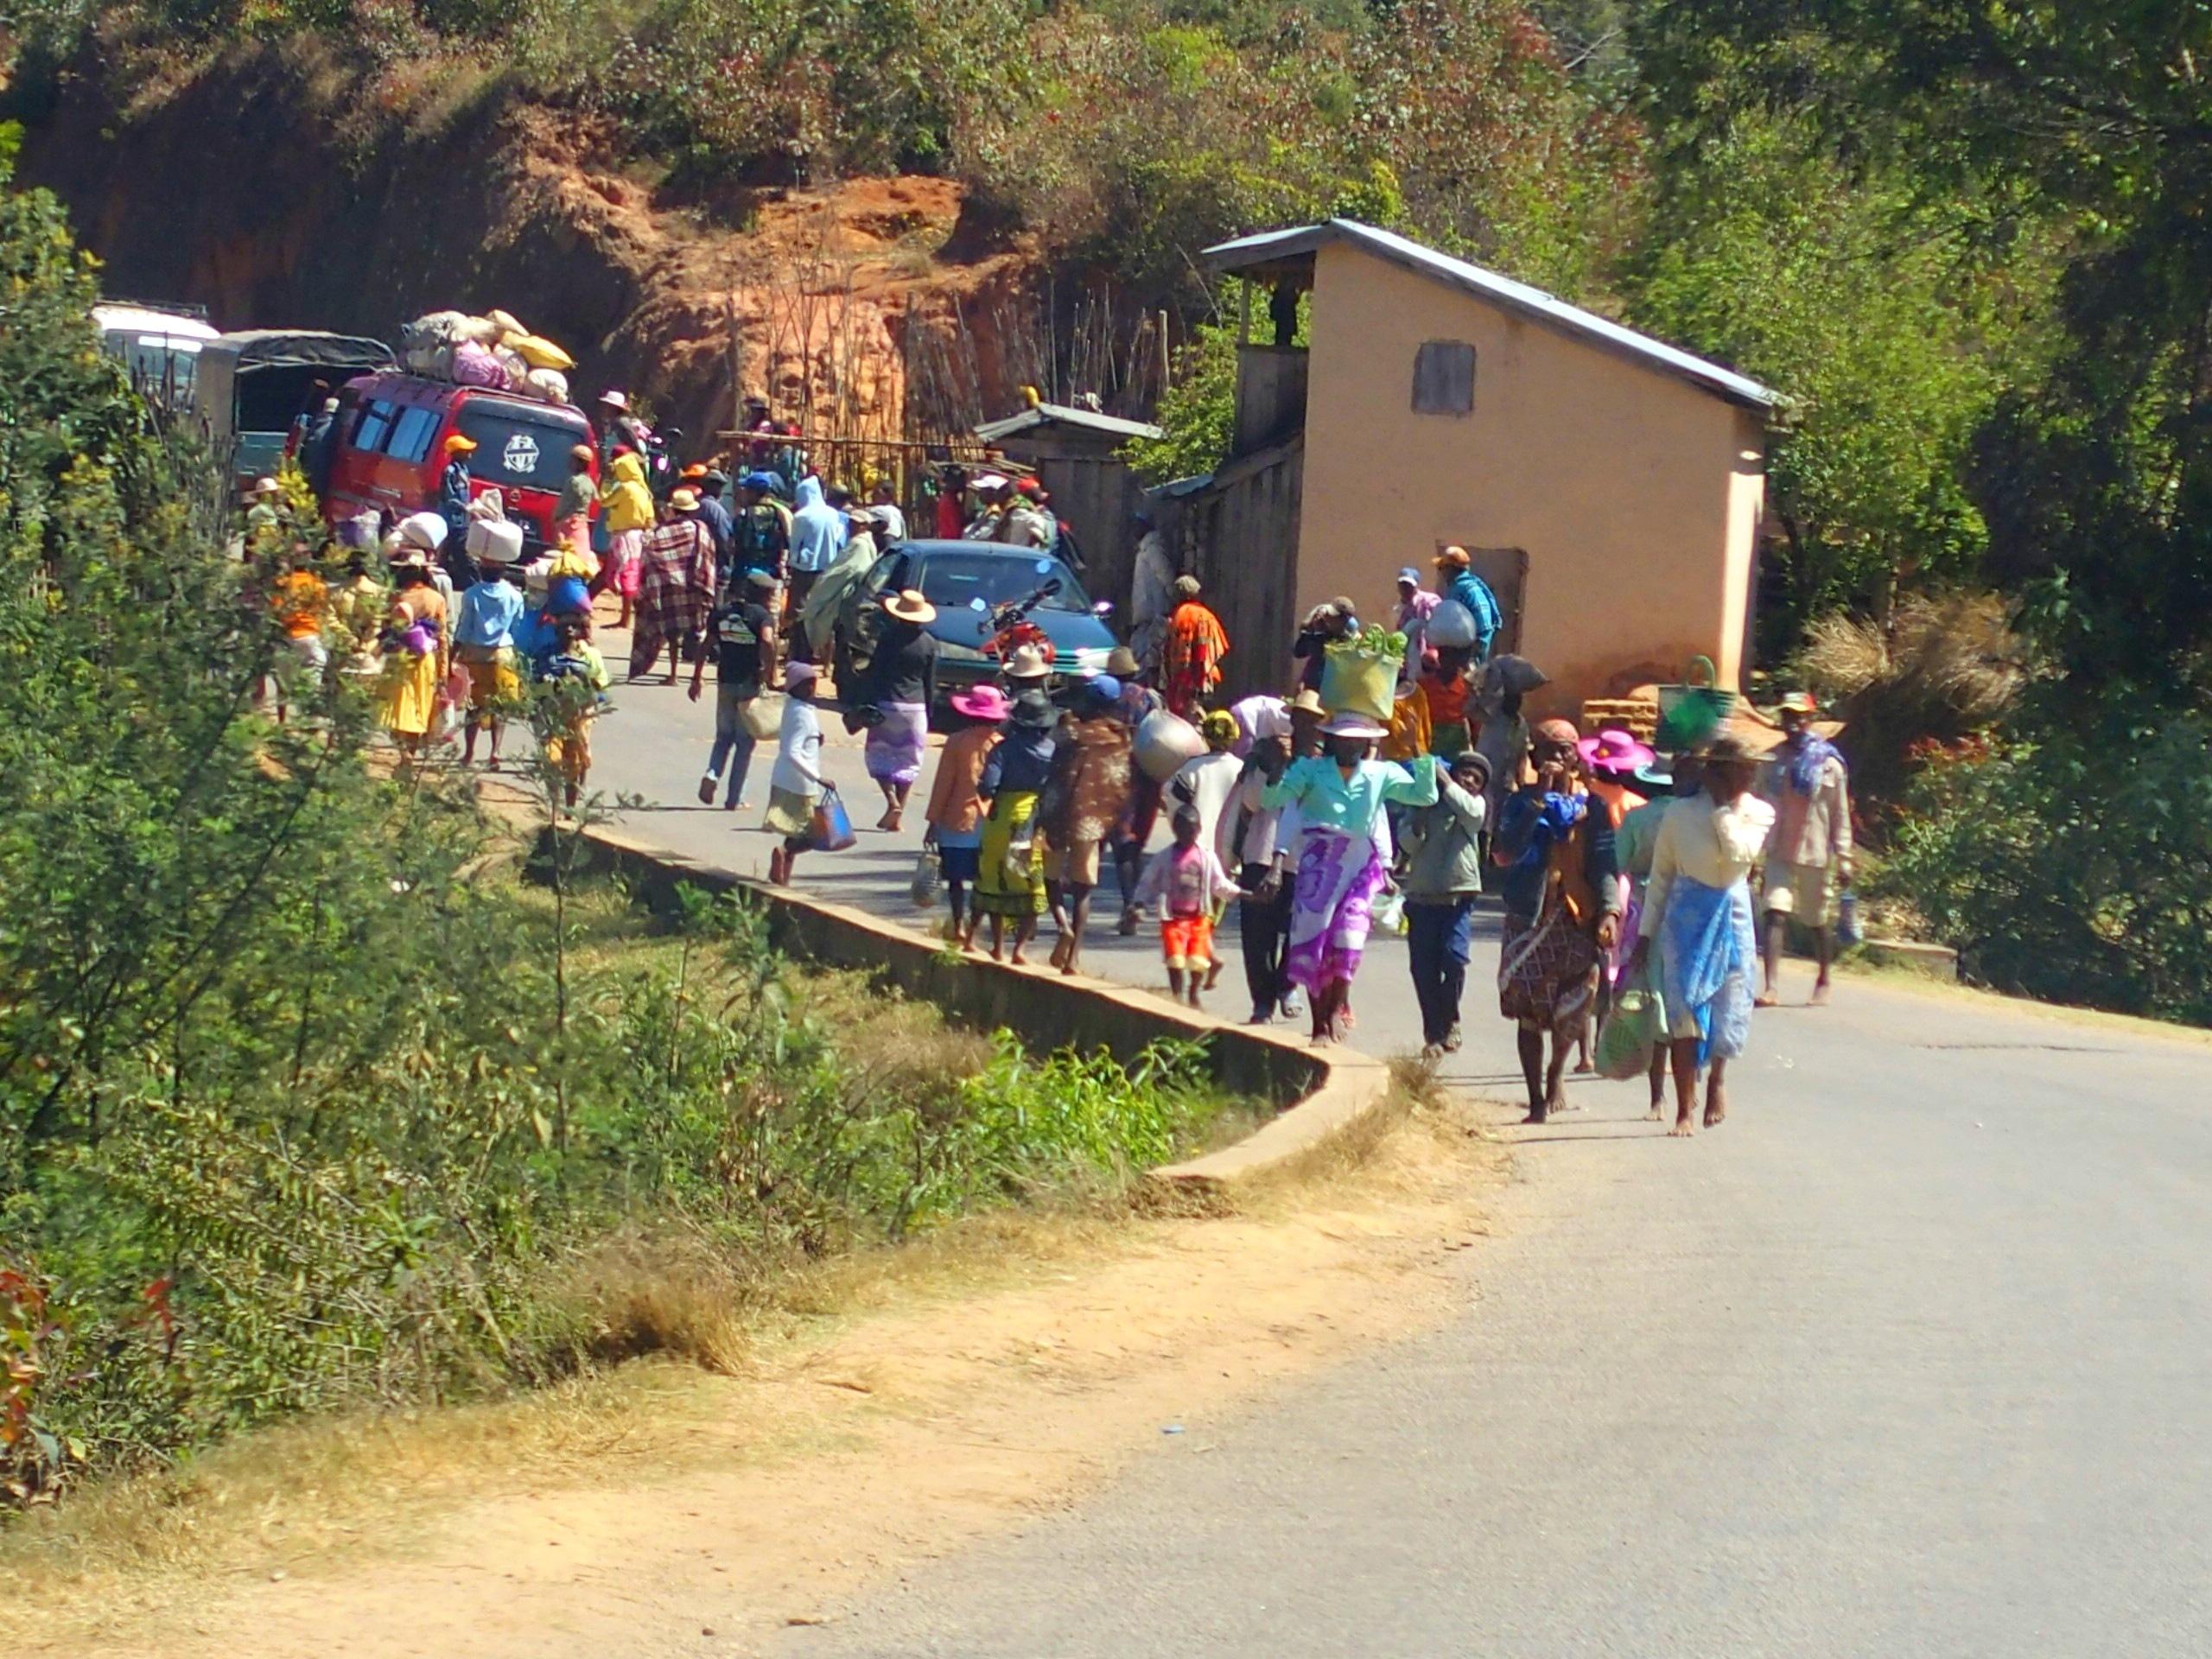 Sur la route, un jour de marché Madagascar.